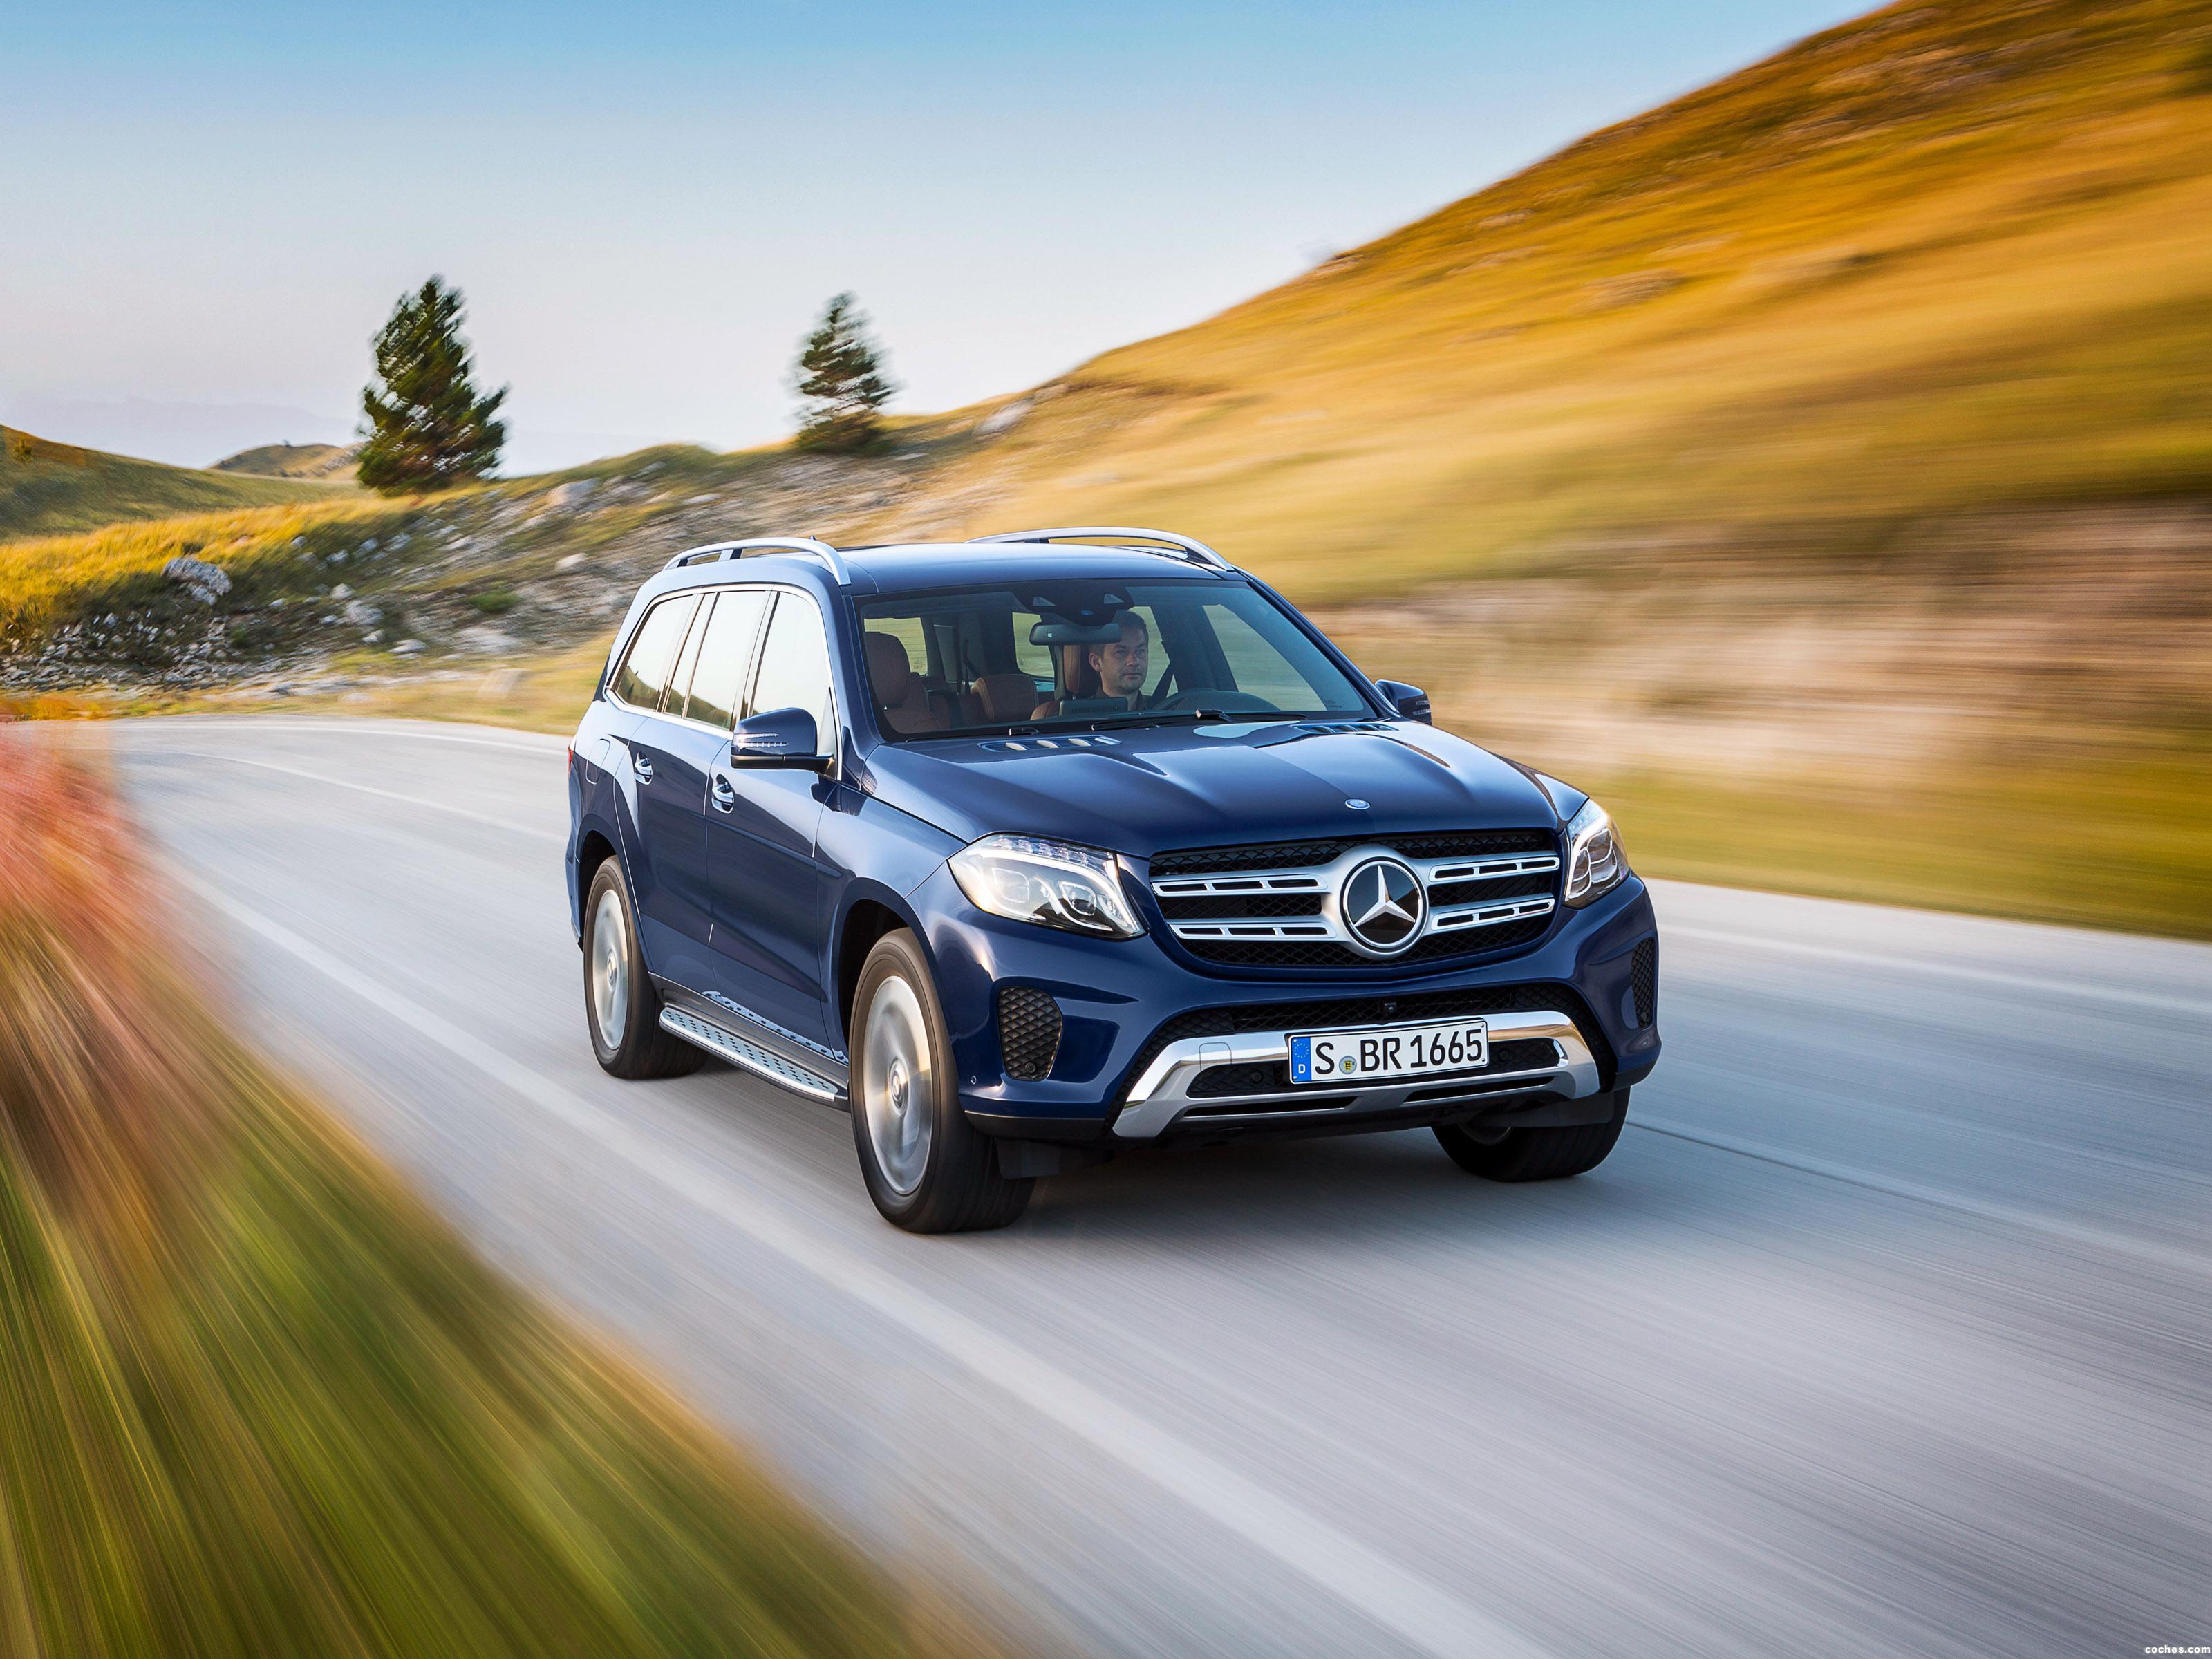 Foto 0 de Mercedes GLS 350 D 4MATIC X166 2015